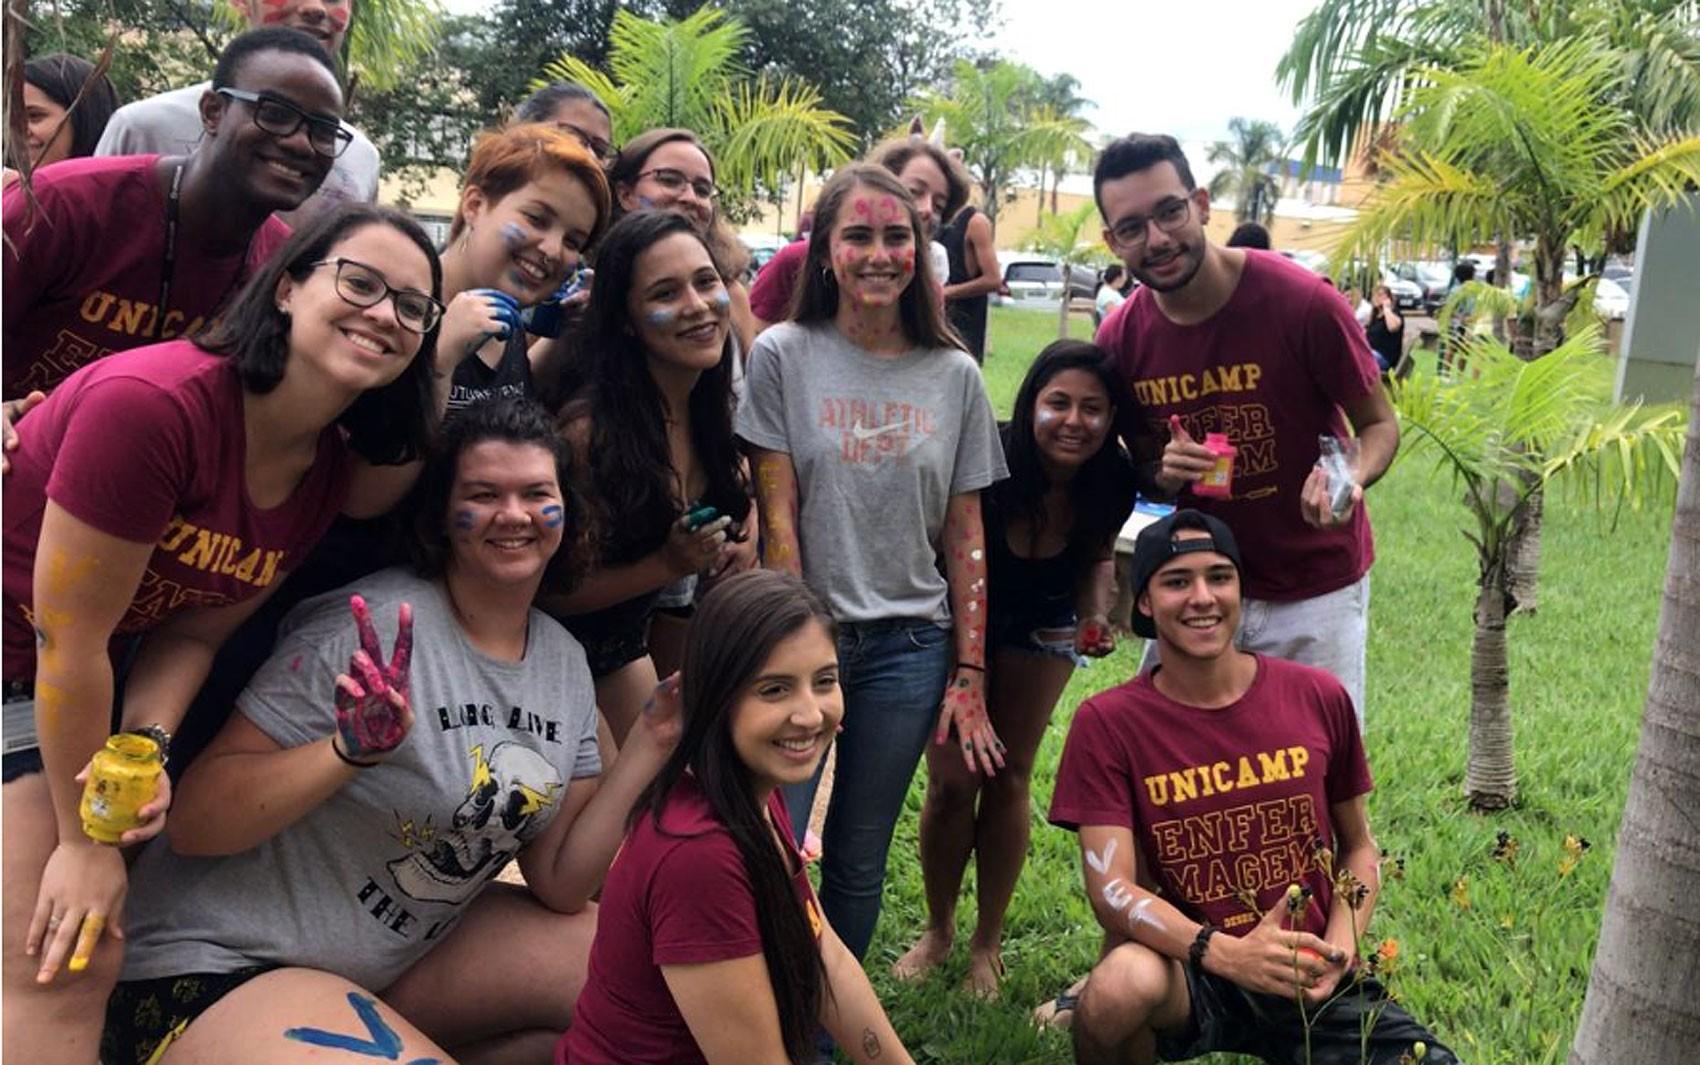 Unicamp divulga 8ª chamada e única lista de espera para vagas remanescentes no Vestibular 2019 - Noticias